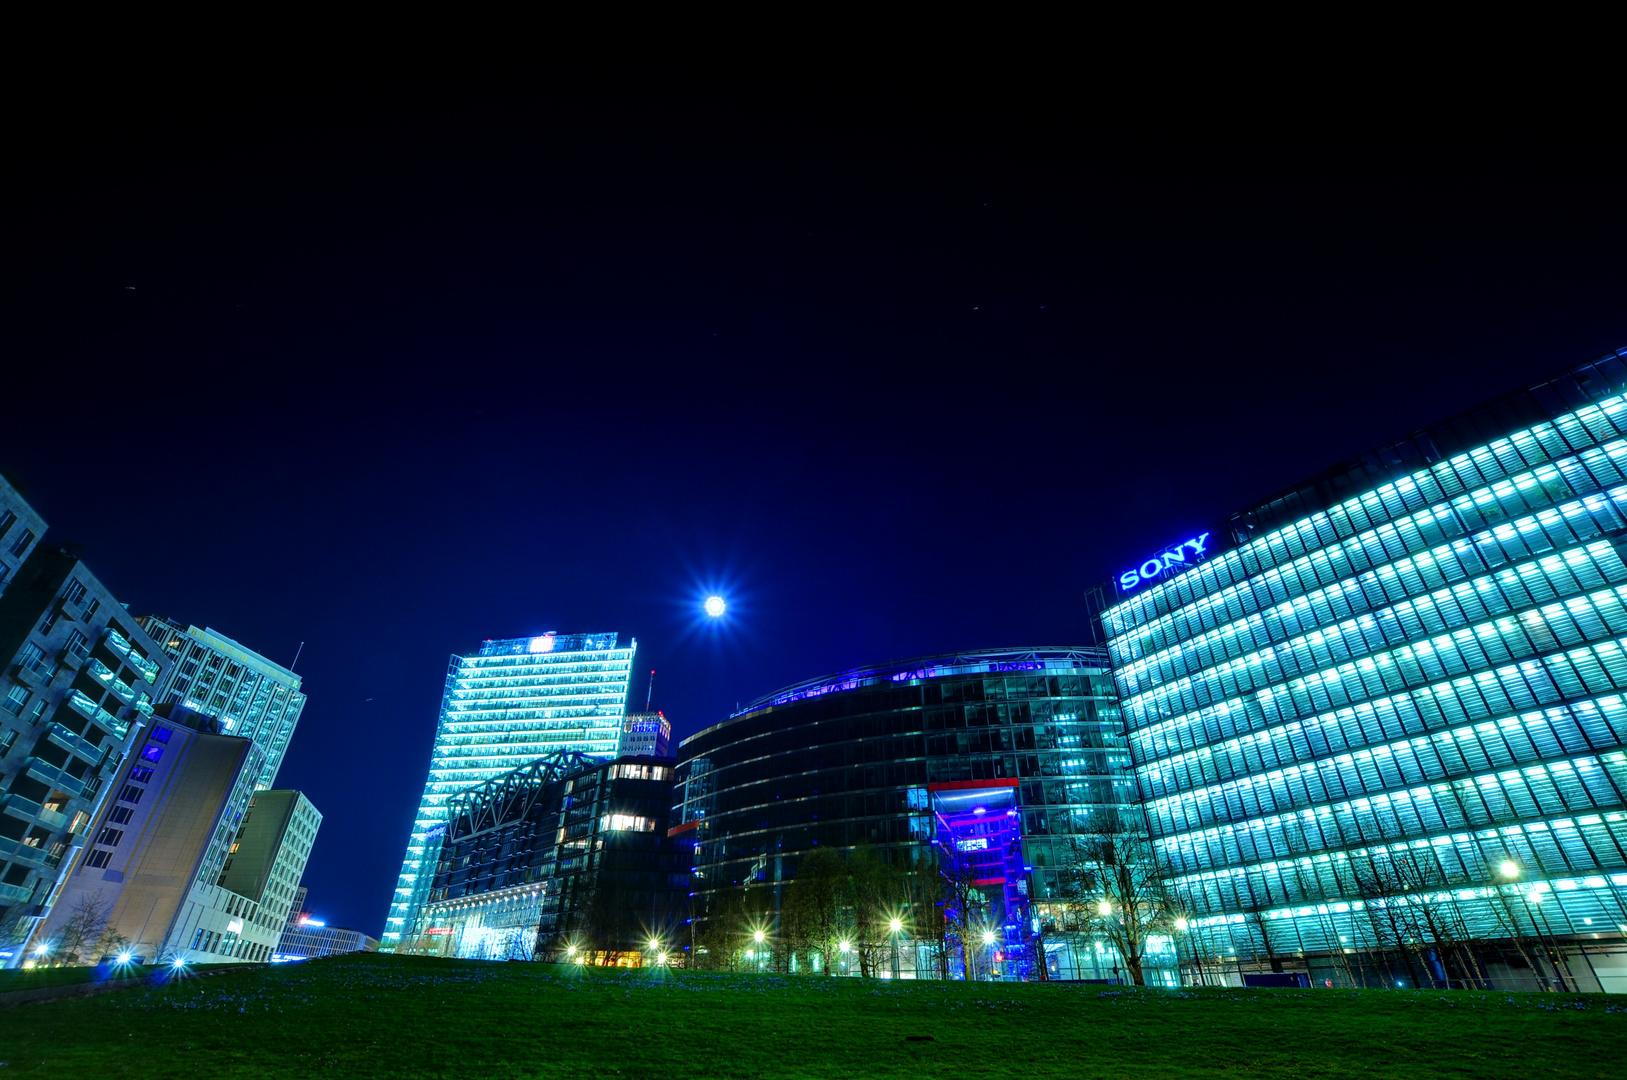 Sony Center Berlin Potsdammer Platz